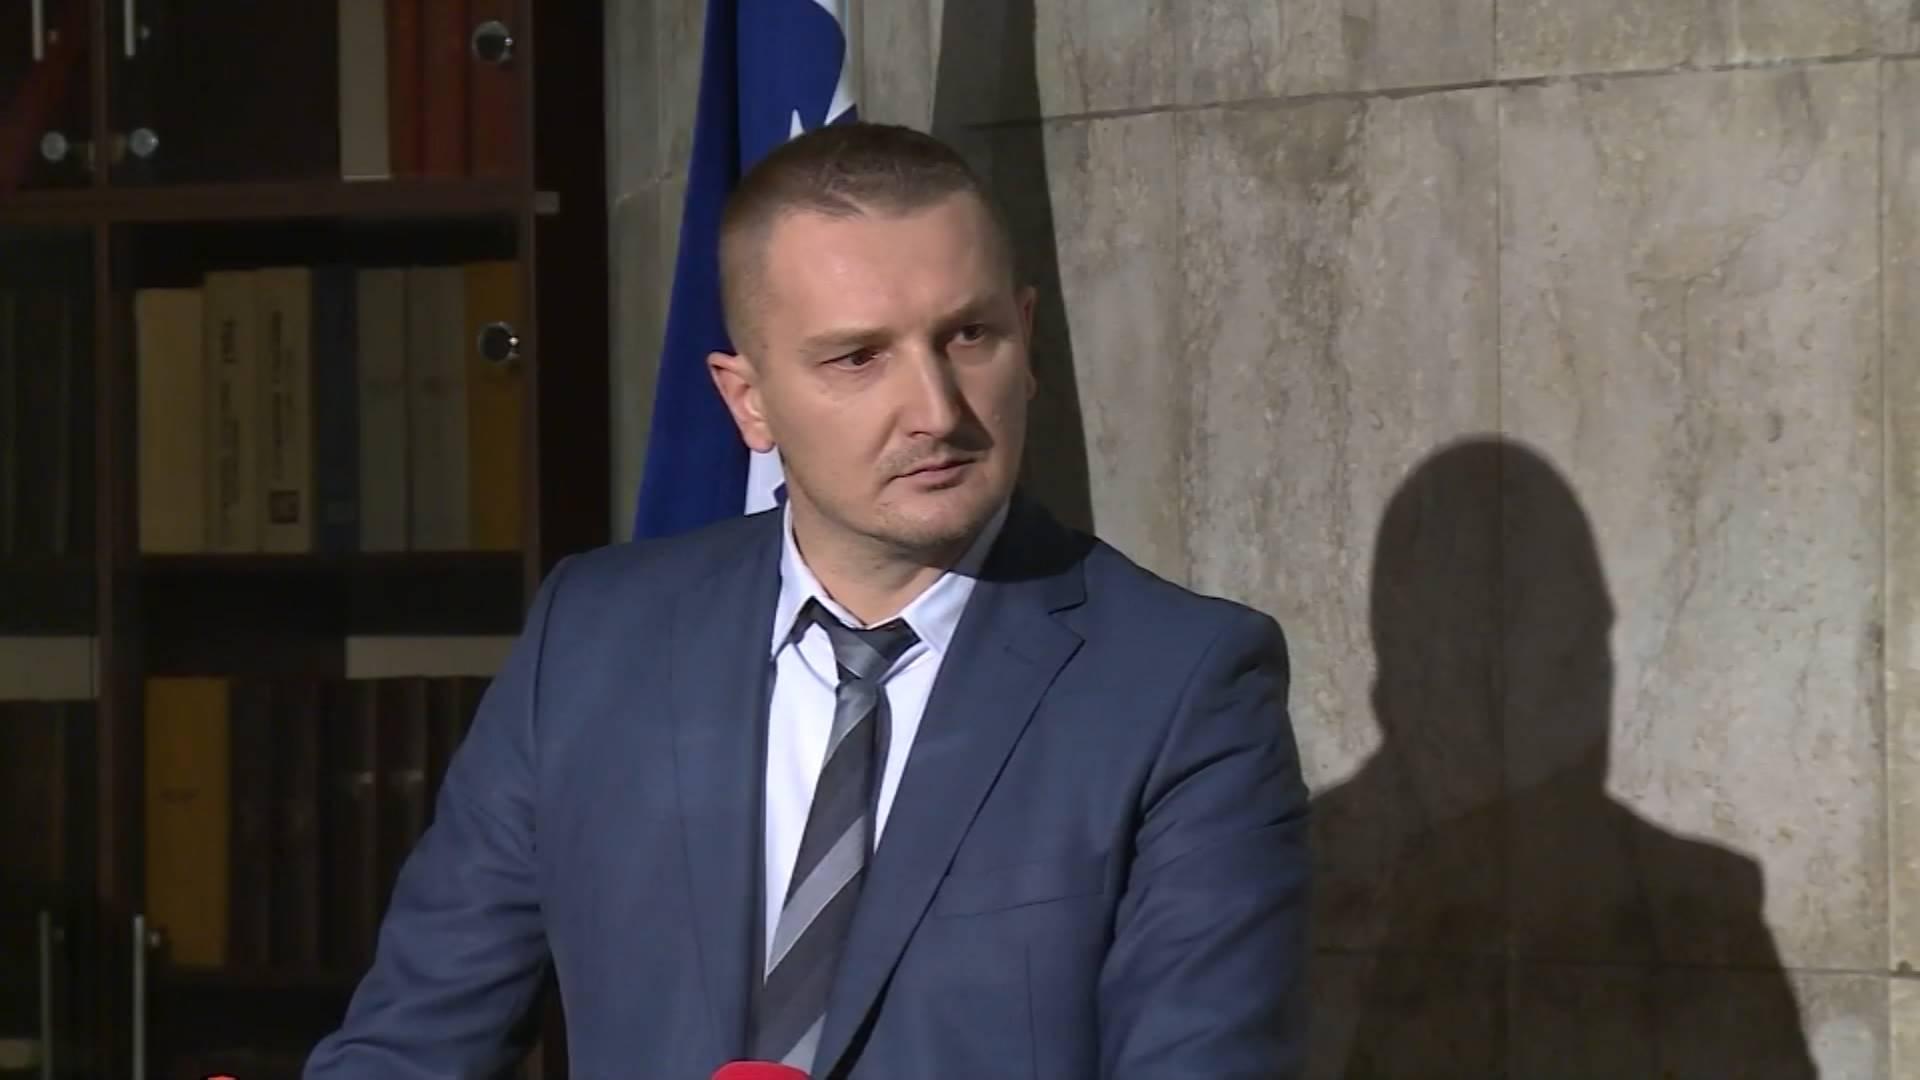 Određene stranke obmanjuju javnost i prikrivaju namjeru stvaranja dominantnog statusa u BiH